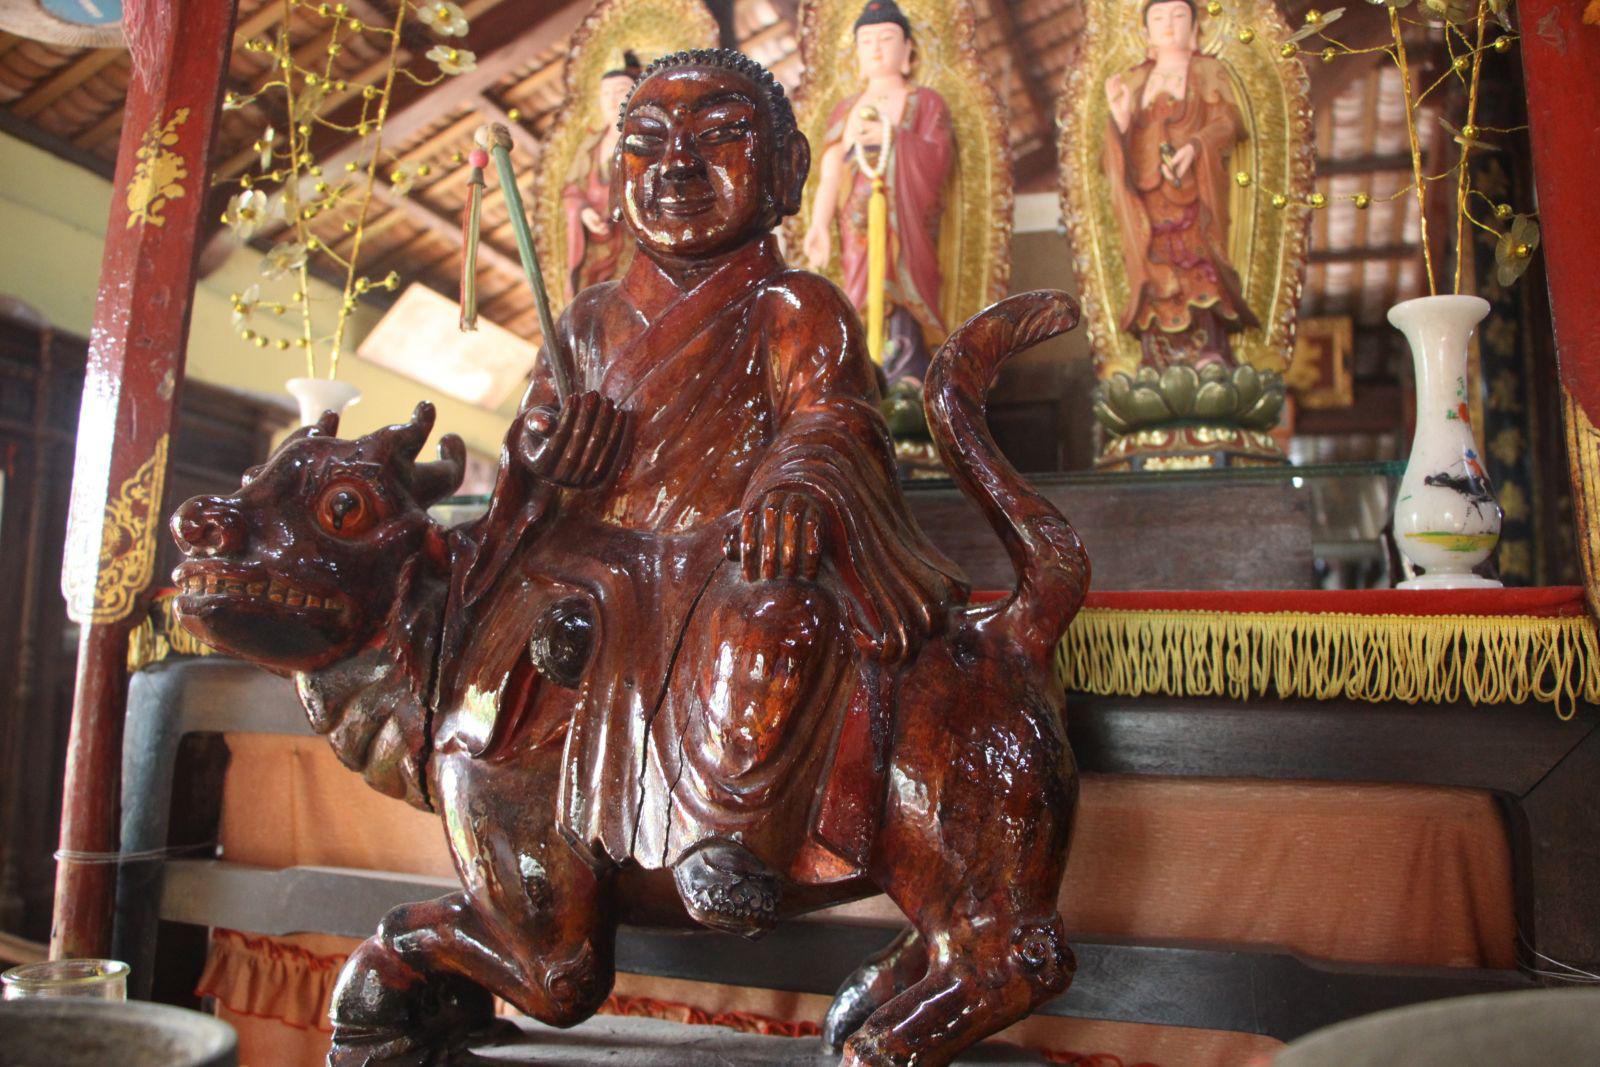 Long An: Một ấp nhỏ thôi mà lần lượt mọc lên 4 ngôi chùa, chùa nào là chùa quan trọng nhất? - Ảnh 3.